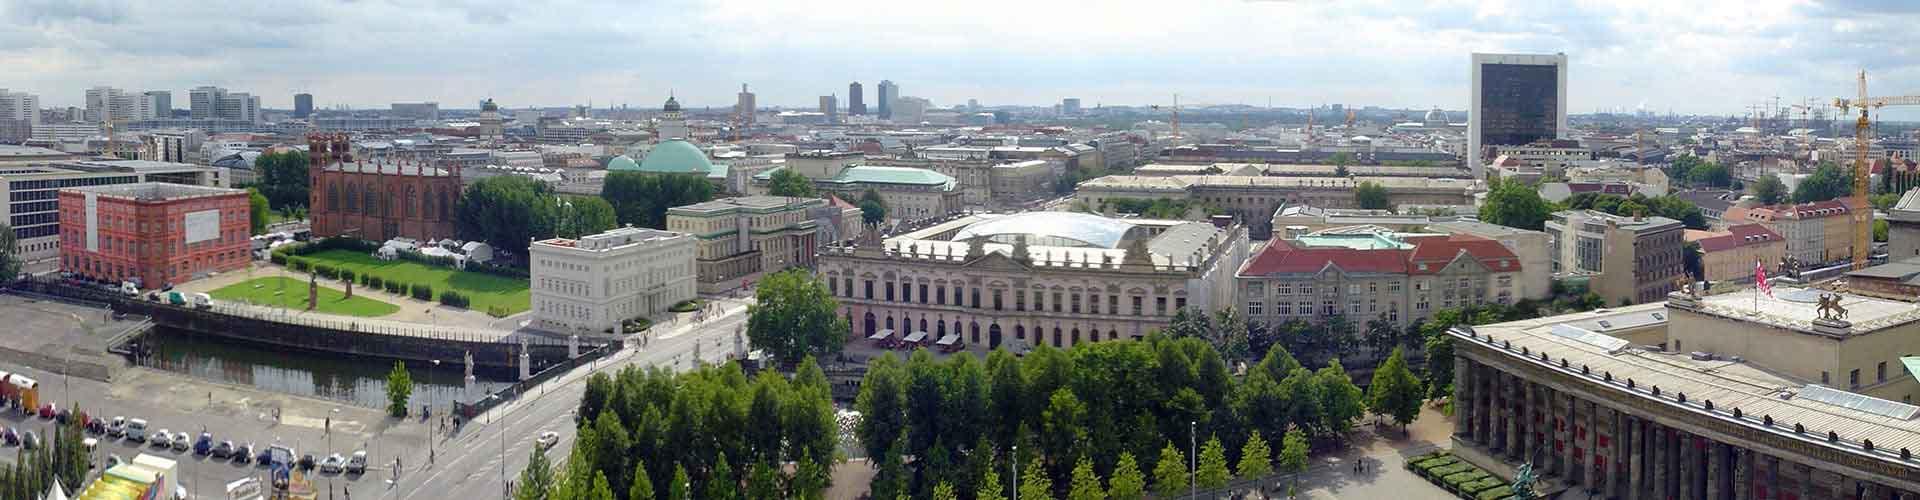 베를린 - Mitte지역에 위치한 아파트. 베를린의 지도, 베를린에 위치한 아파트에 대한 사진 및 리뷰.